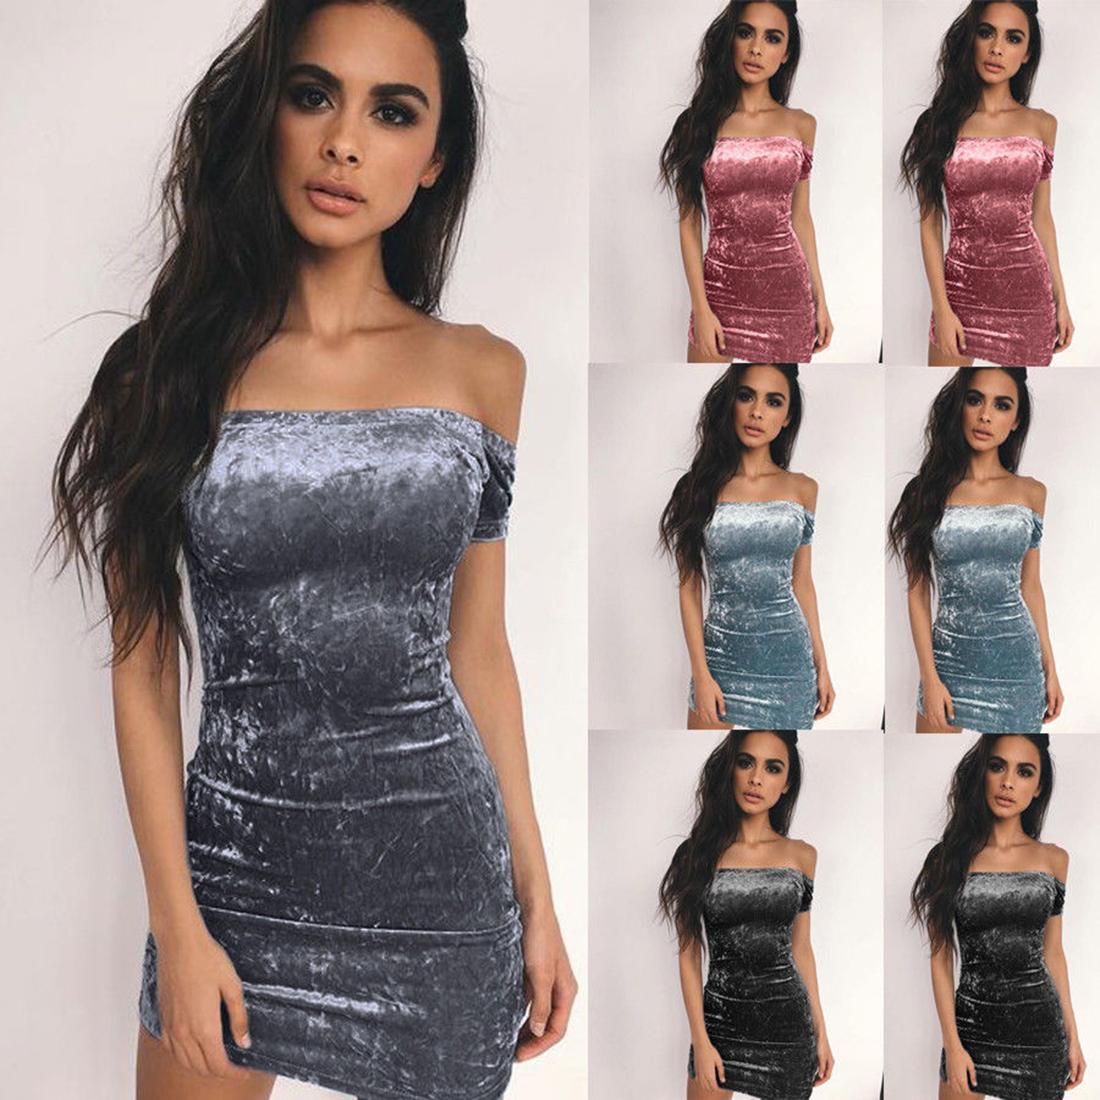 5aba42445f2 Acheter 2019 Sexy Épaule Robe Courte Femmes Doux Velours Nuit Robes De  Soirée Mince Paquet Hanches Robe Femme Casual Mini Vestidos De  25.1 Du  Lixlon02 ...